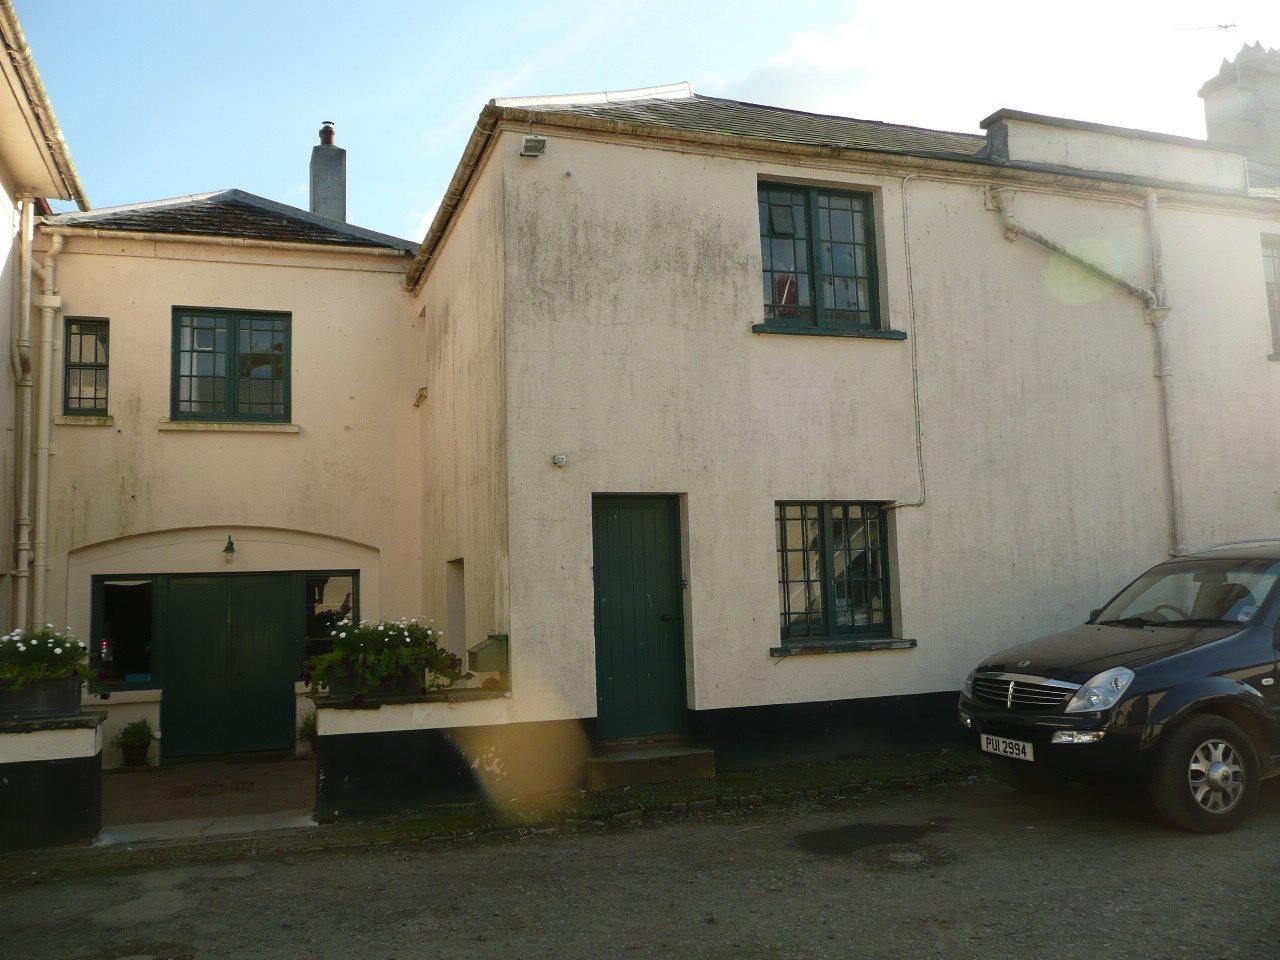 Stuckeridge House, Oakford, Tiverton